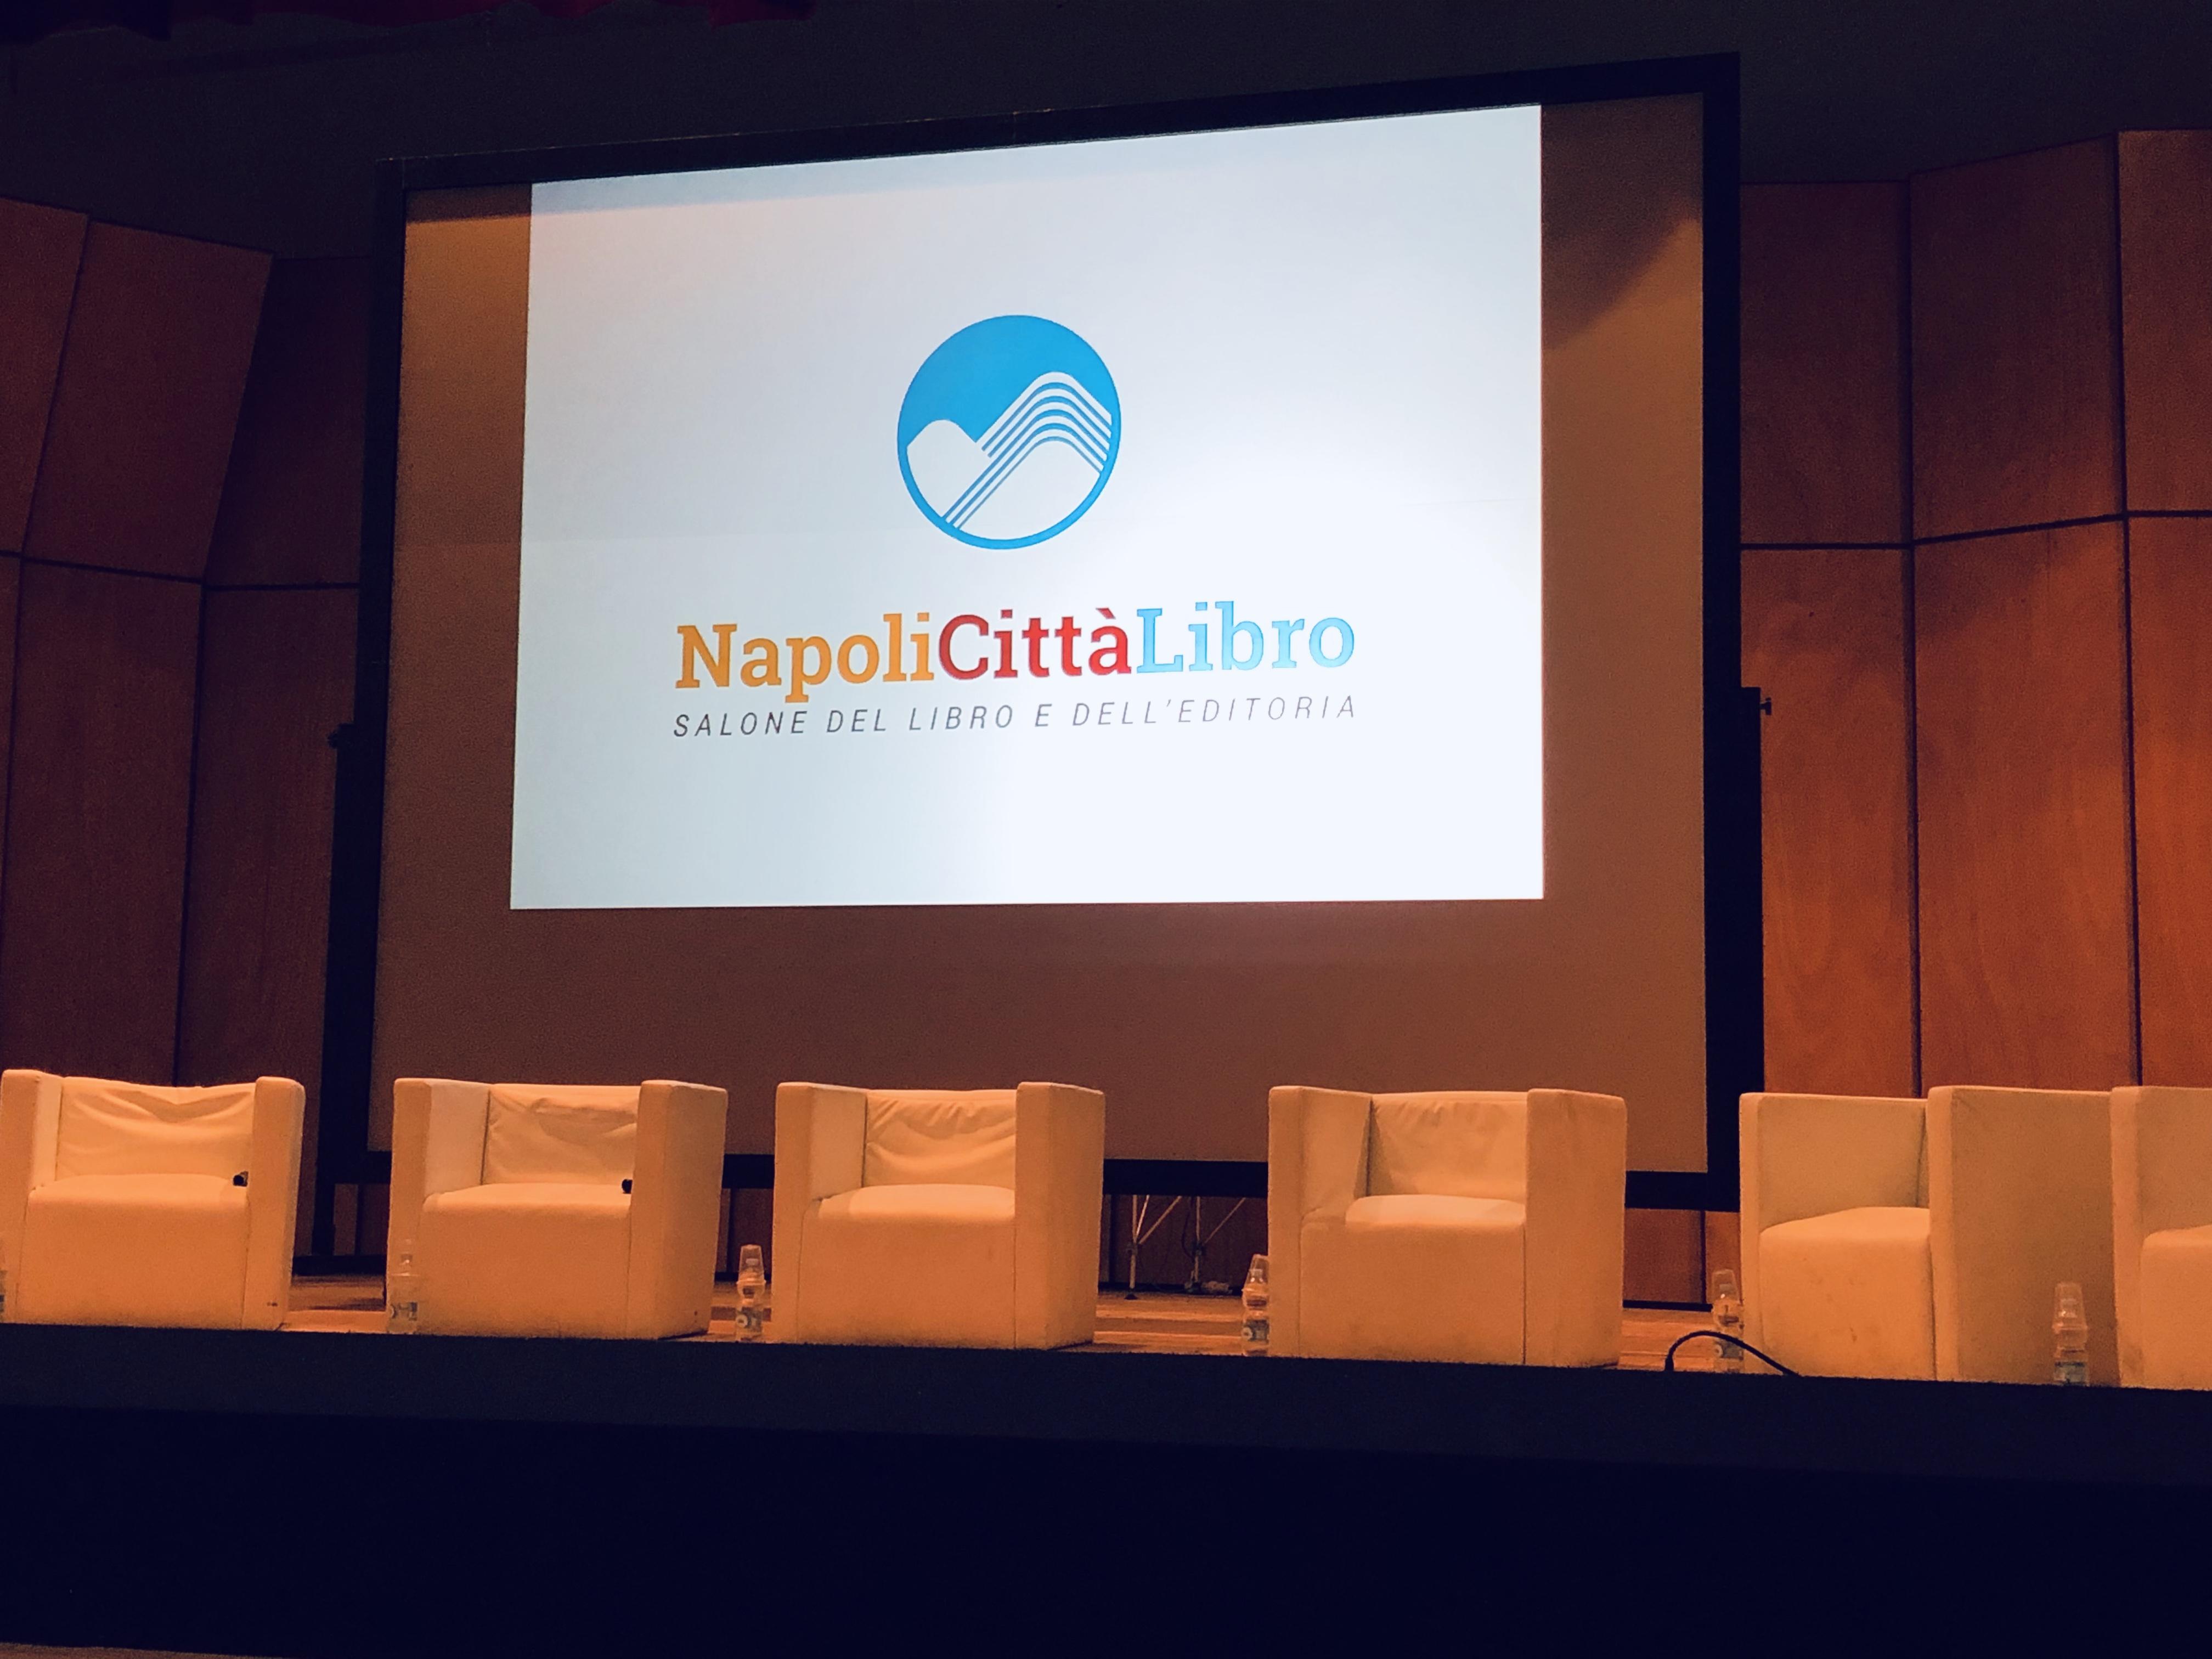 Napoli Città Libro 2019. Il volto pop e intermediale della seconda edizione.